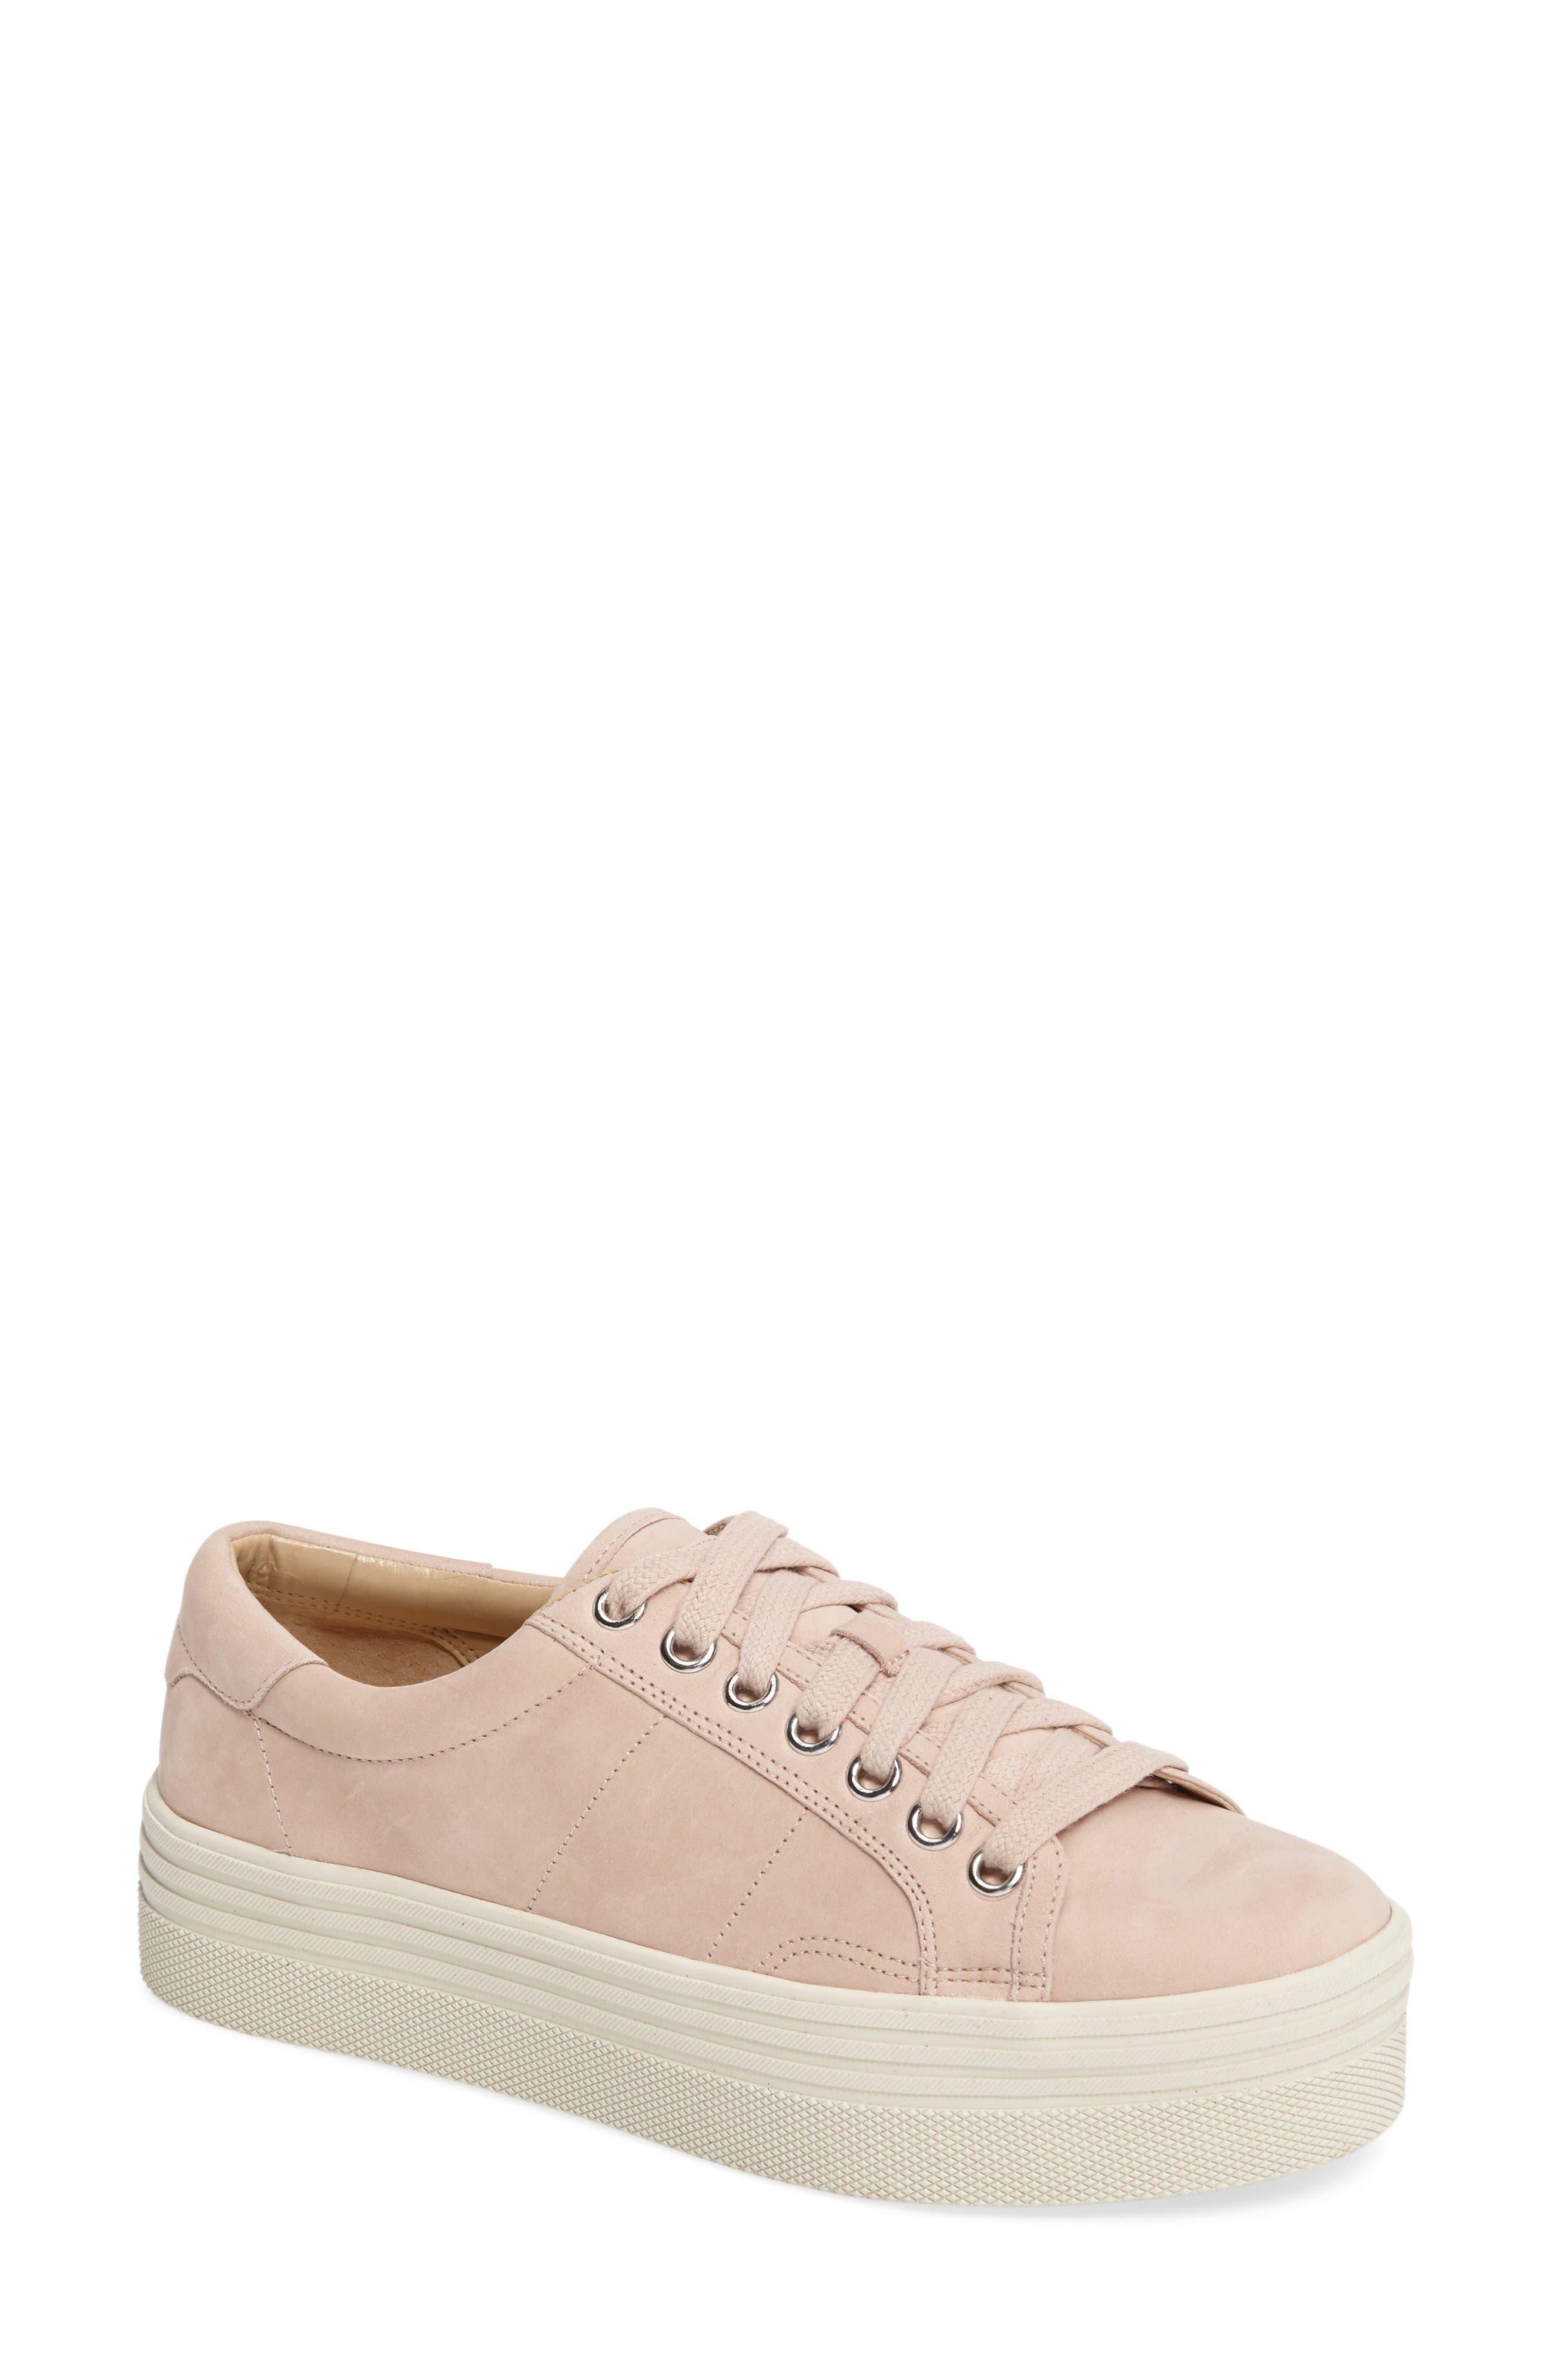 Emmy Platform Sneaker,                         Main,                         color, Pink Nubuck Leather